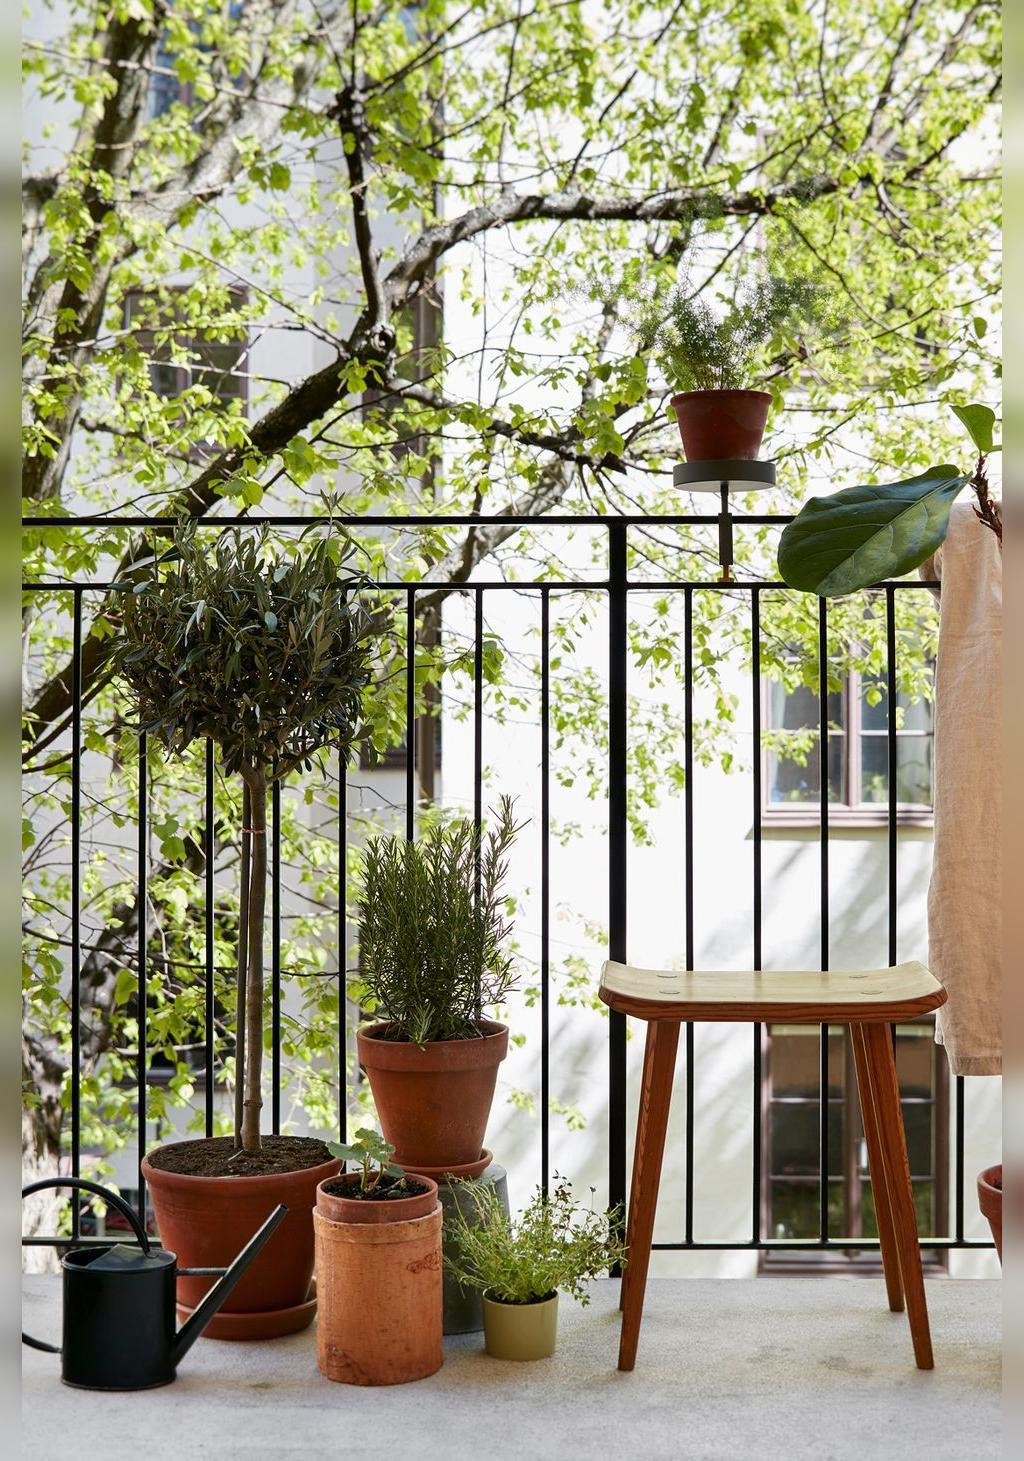 تزیین تراس و بالکن با ایجاد یک باغچه از گیاهان